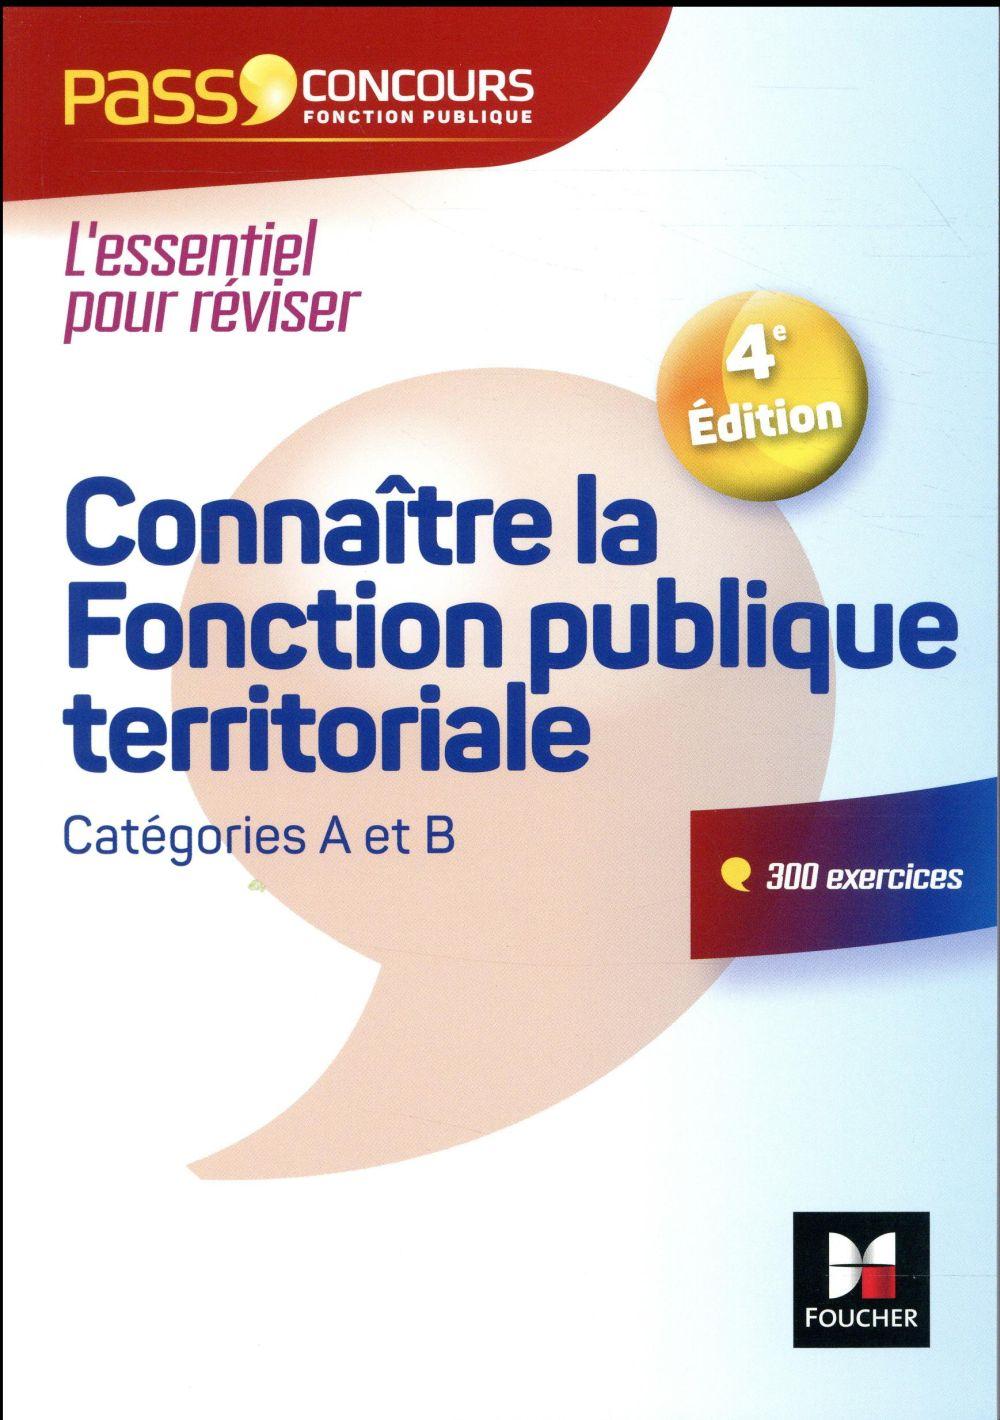 PASS CONCOURS CONNAITRE LA FONCTION PUBLIQUE TERRITORIALE   CATEGORIES A ET B   N 12   3E EDITION